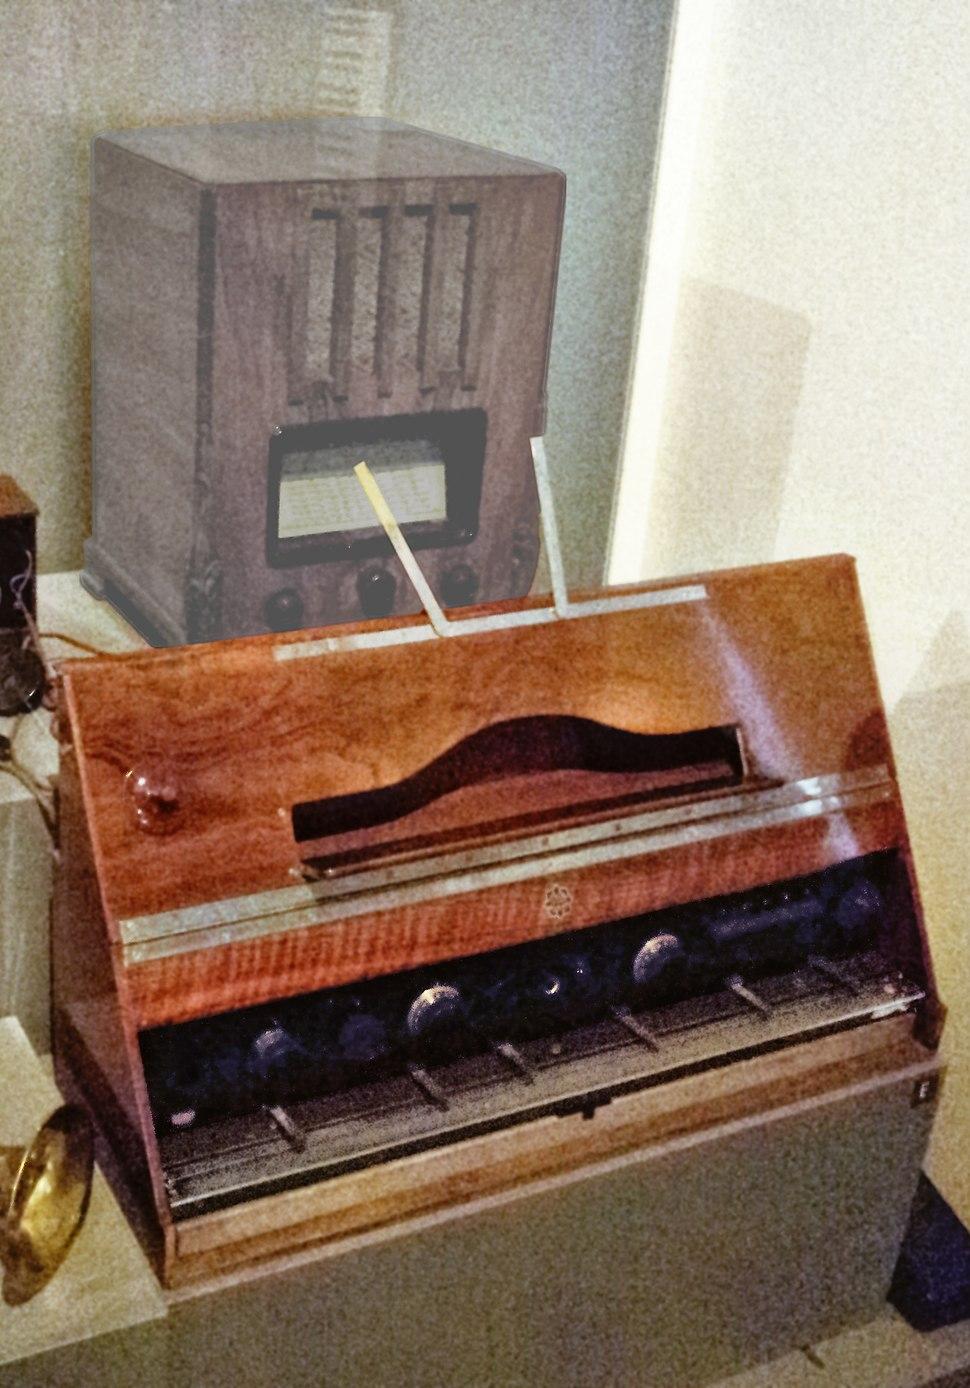 Telefunken Volkstrautonium, in front of antique radio, MfM.Uni-Leipzig (clip)